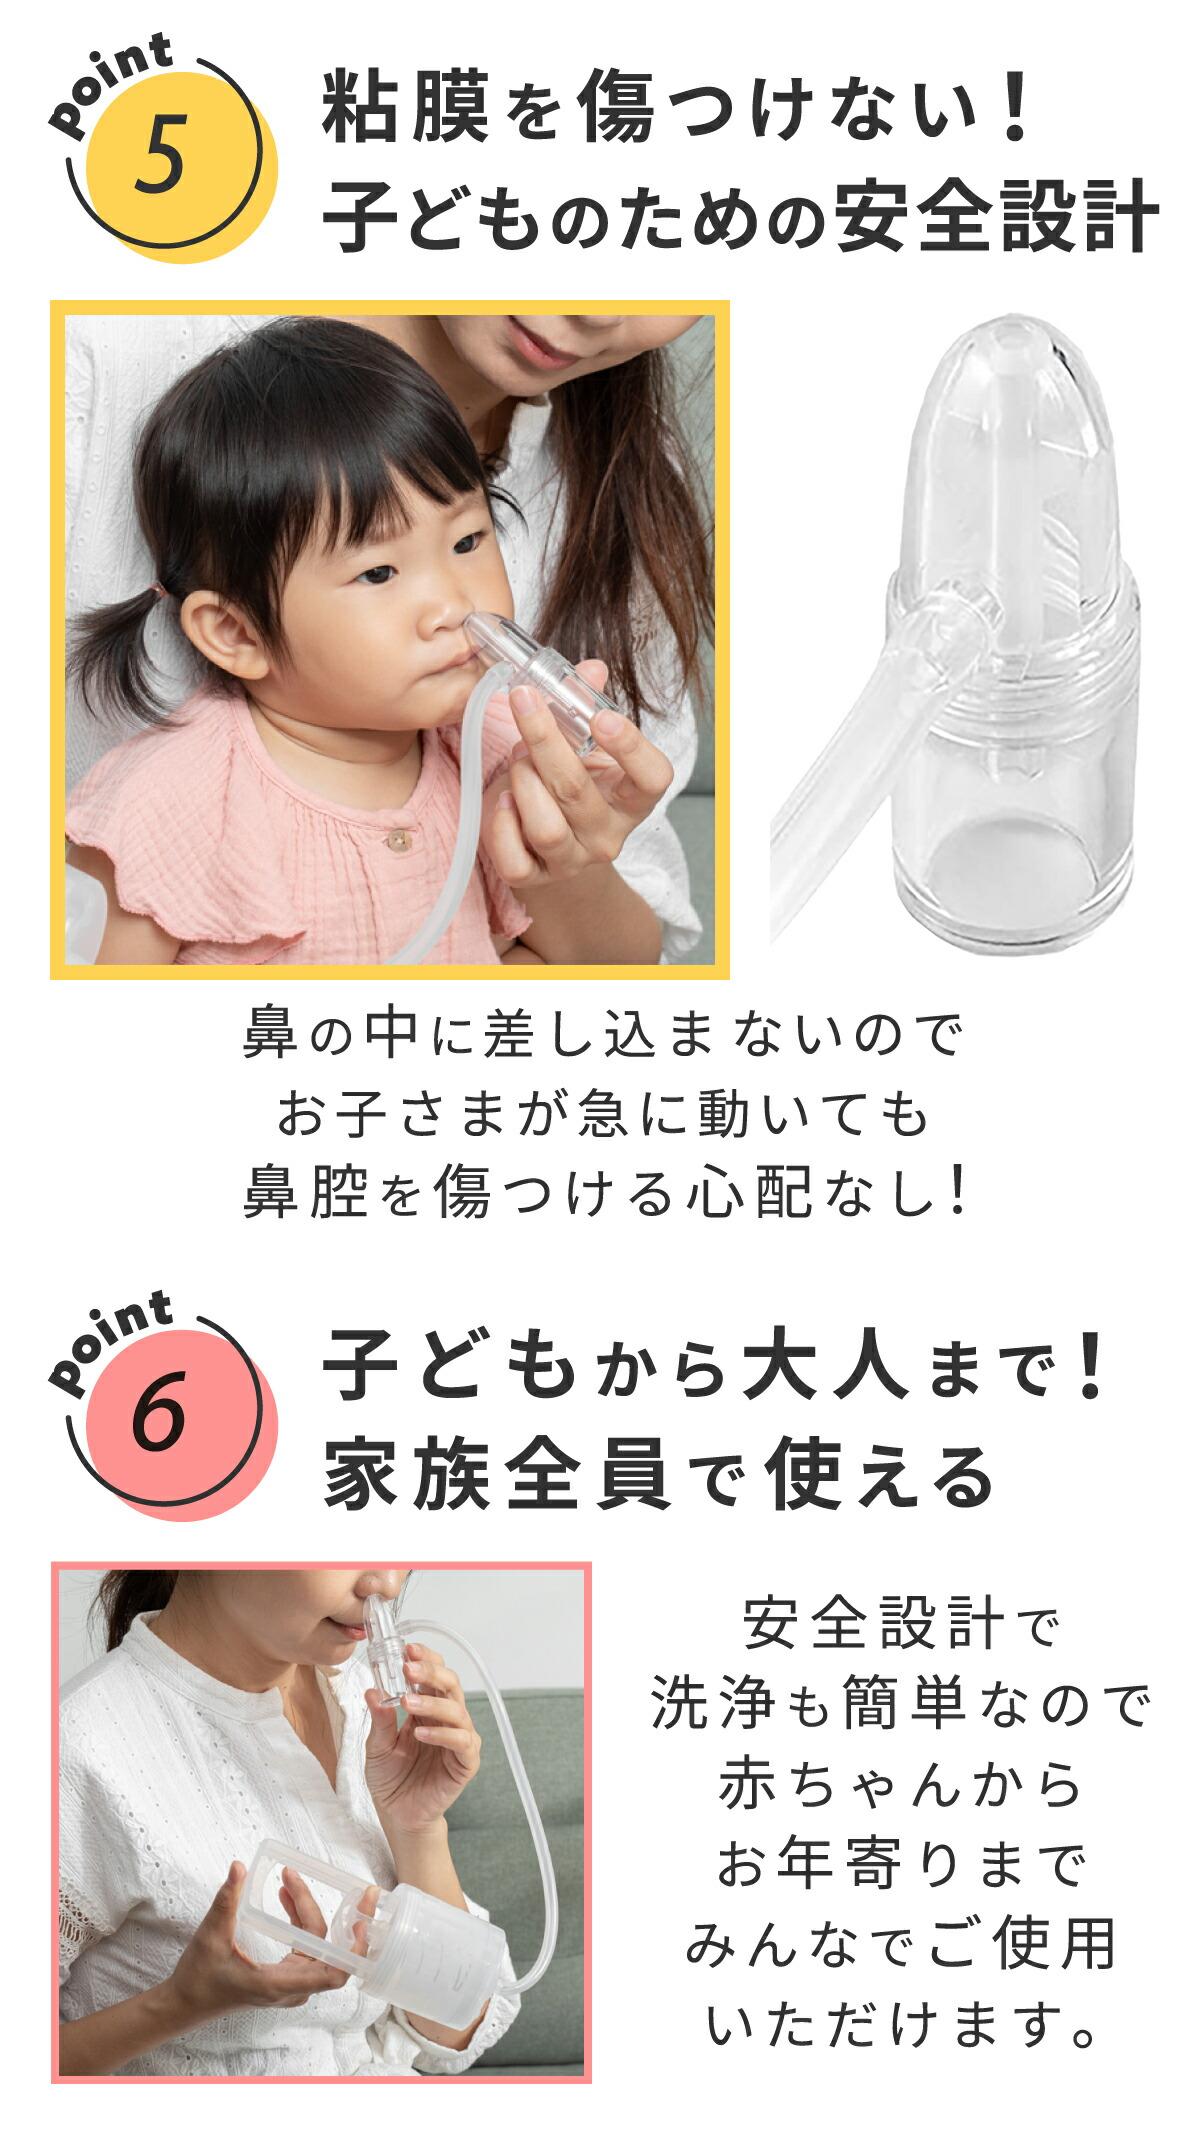 POINT5:粘膜を傷つけない!子どものための安全設計 POINT6:子どもから大人まで!家族全員で使える